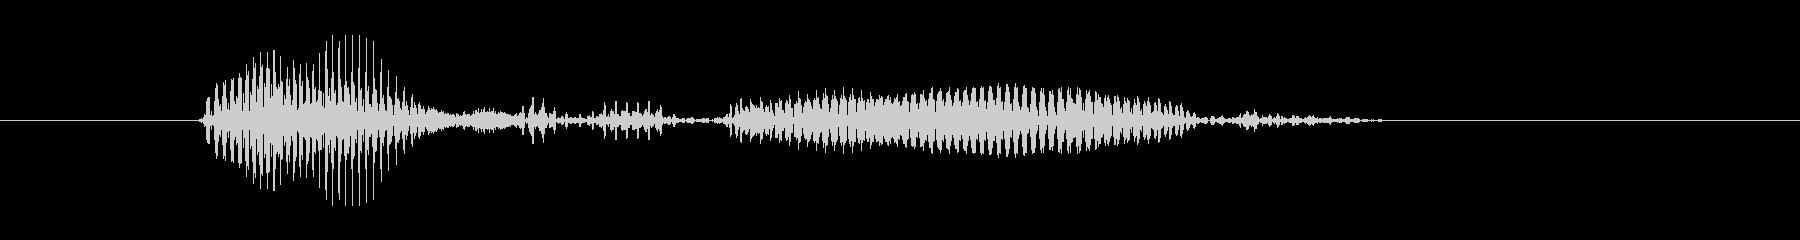 1 今すぐダウンロード渋い声の未再生の波形